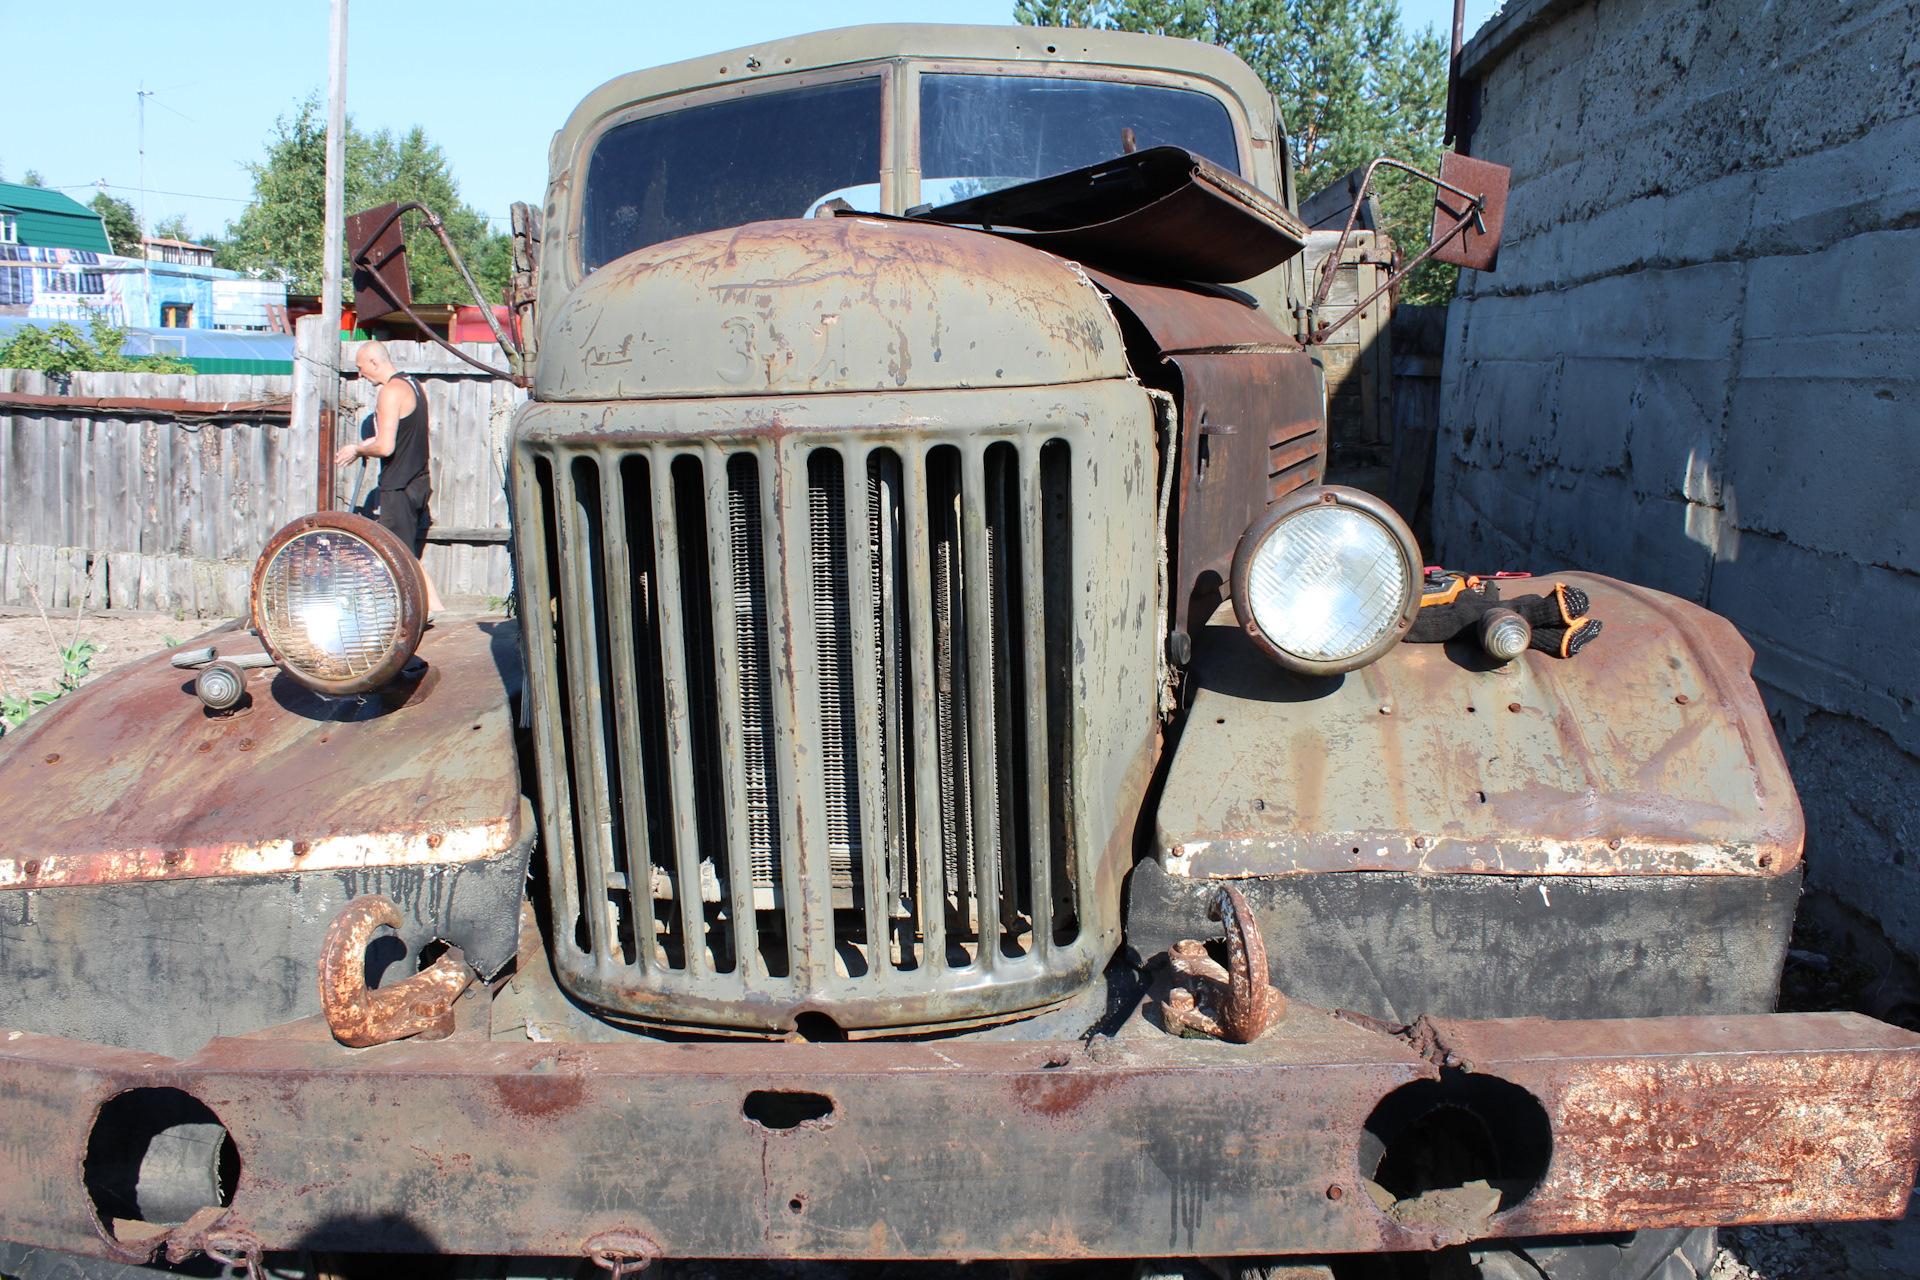 широко раскрыл фото грузового автомобиля из ада хочу поздравить вас